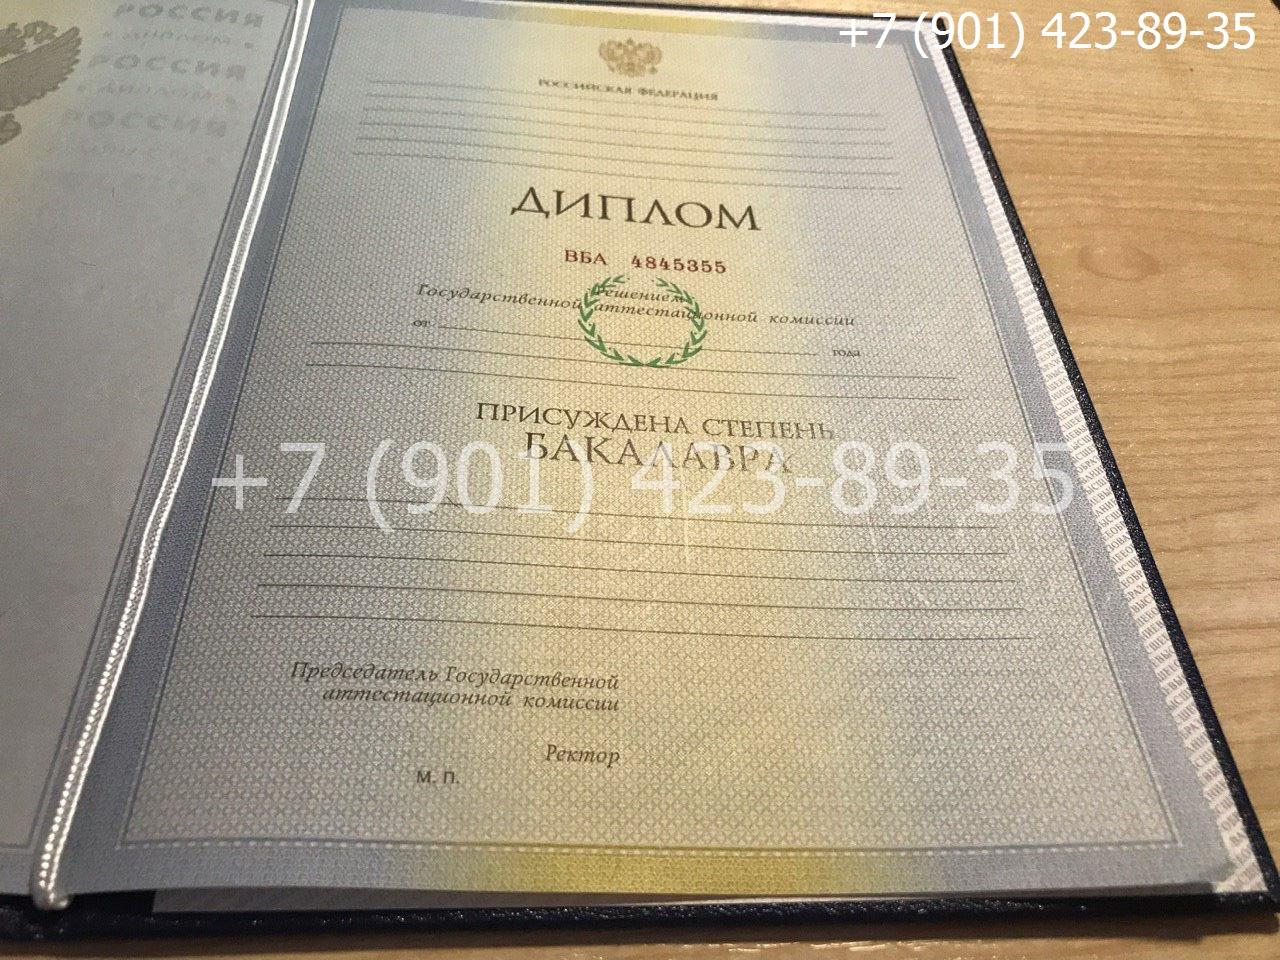 иплом бакалавра 2010-2011 годов, старого образца, титульный лист